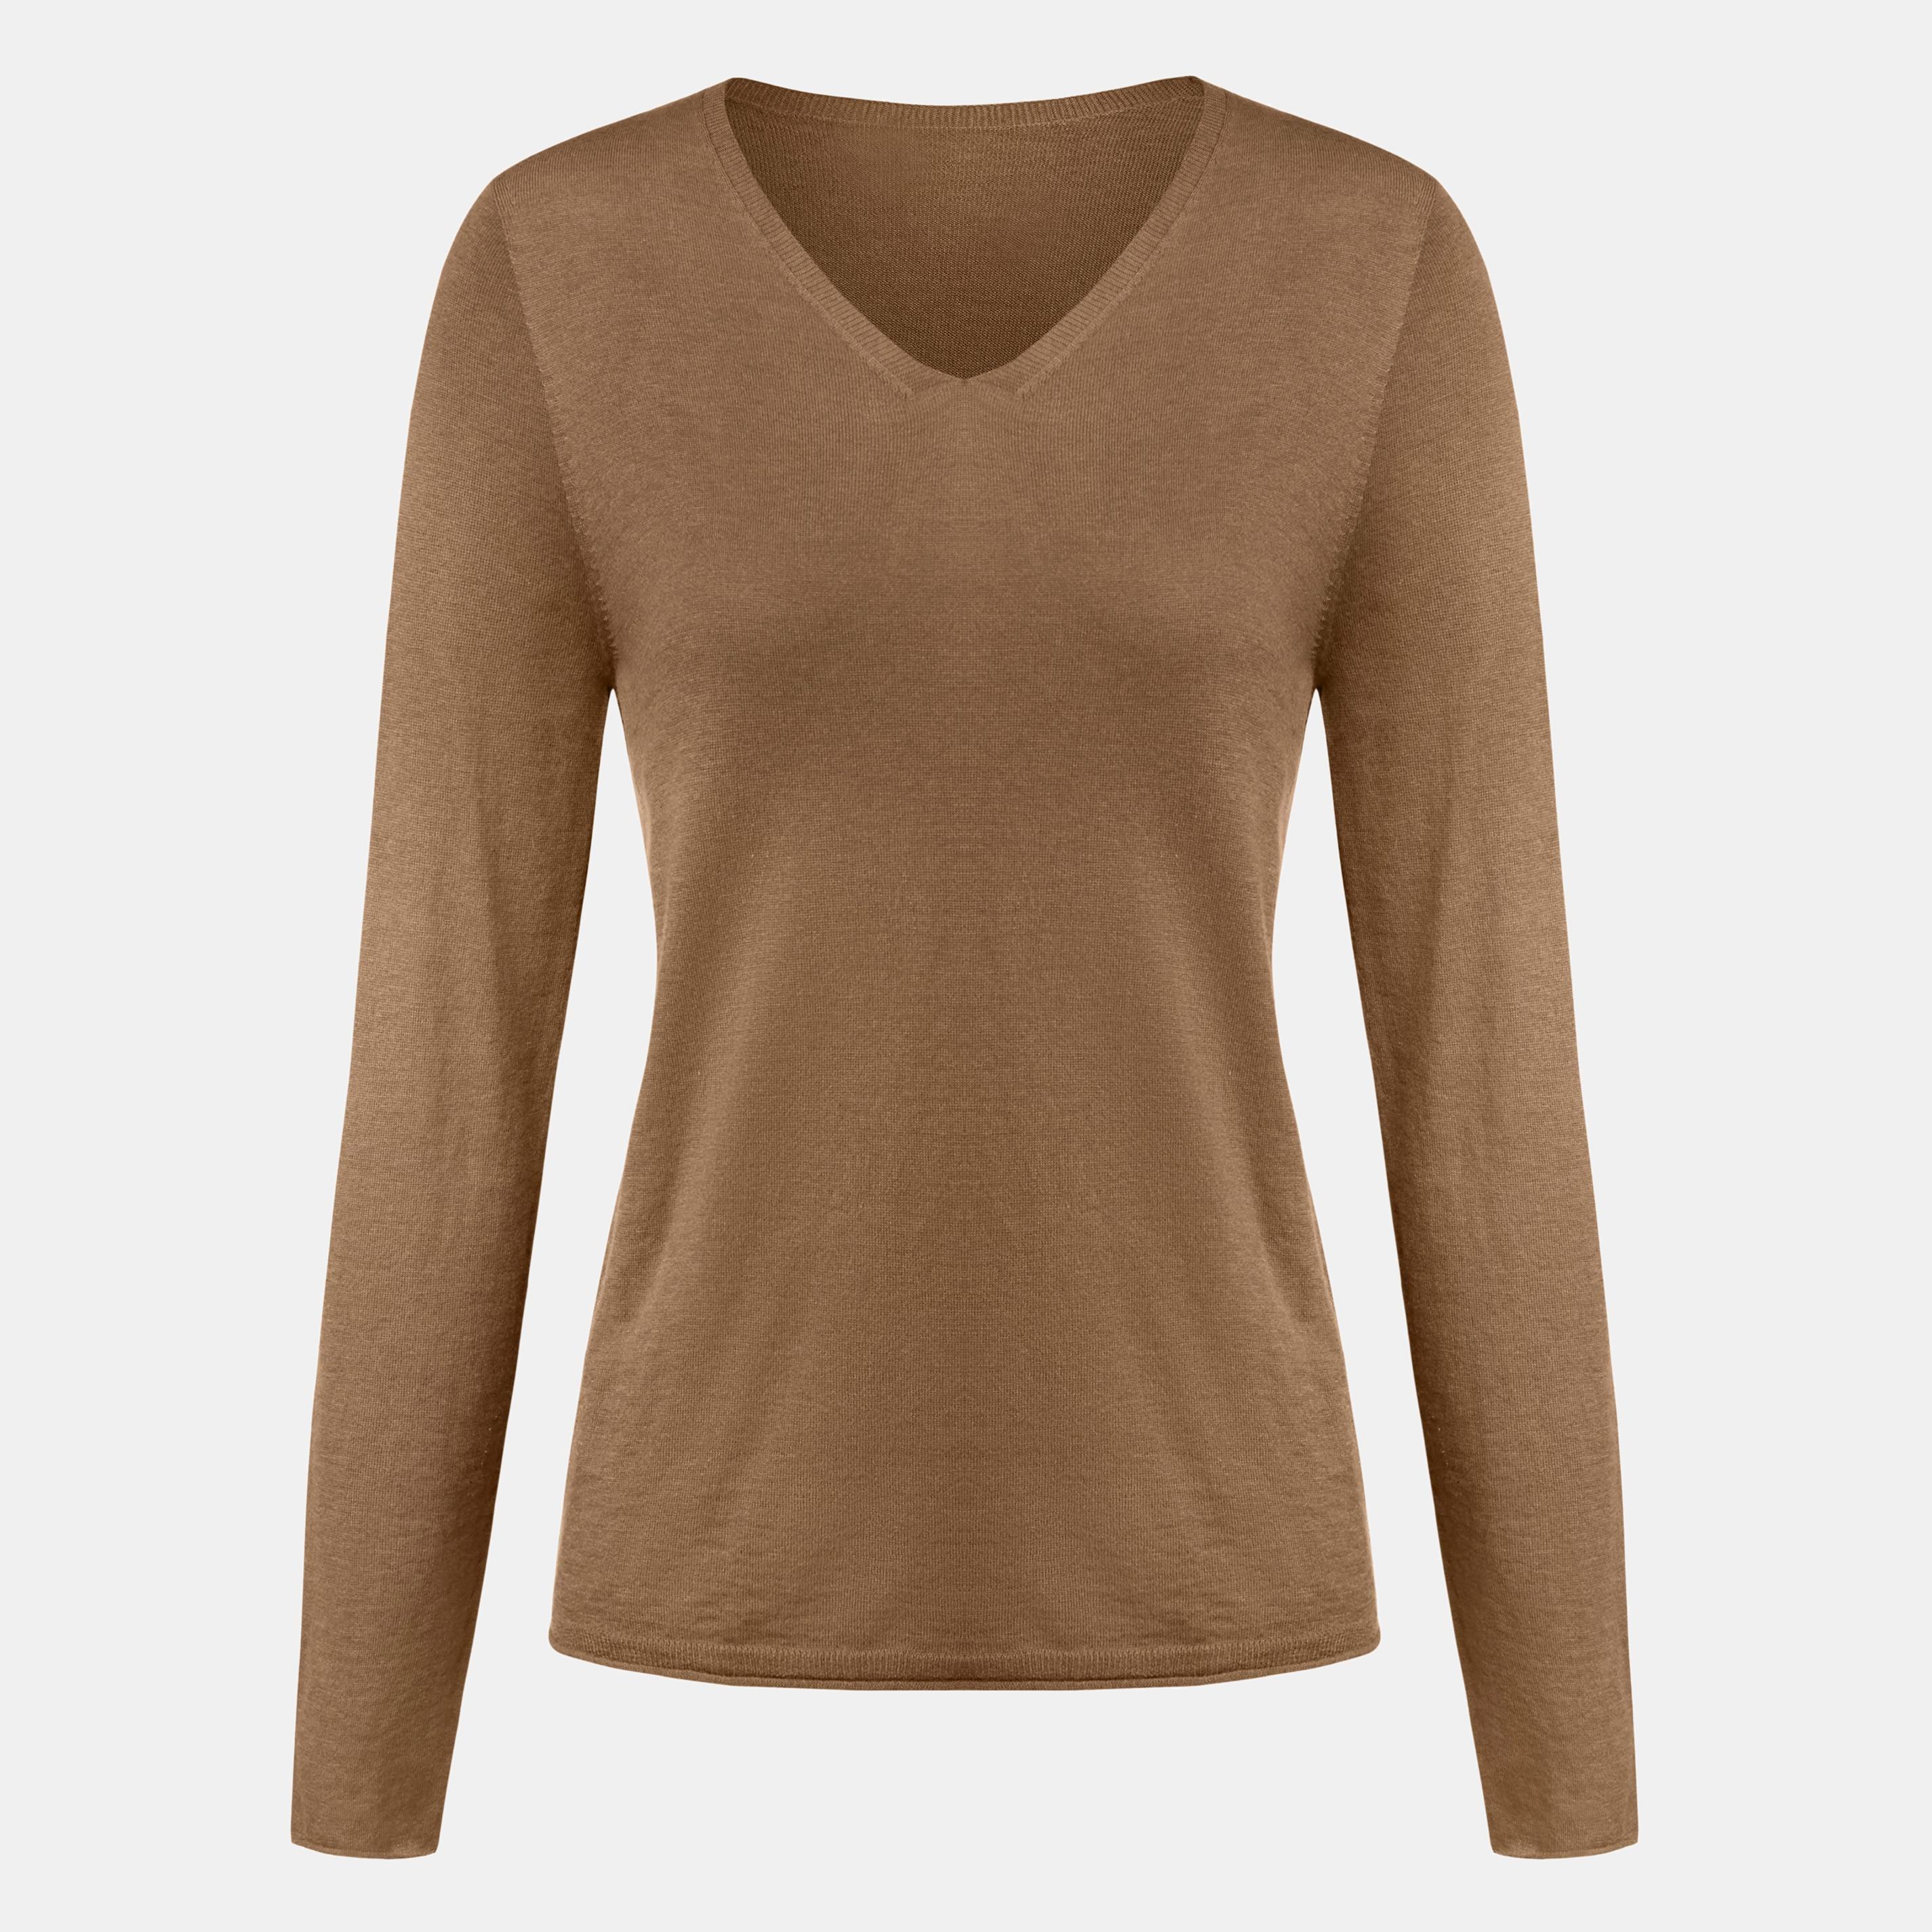 Cashmere V-neck Top-Camel Brown - Camel Brown S